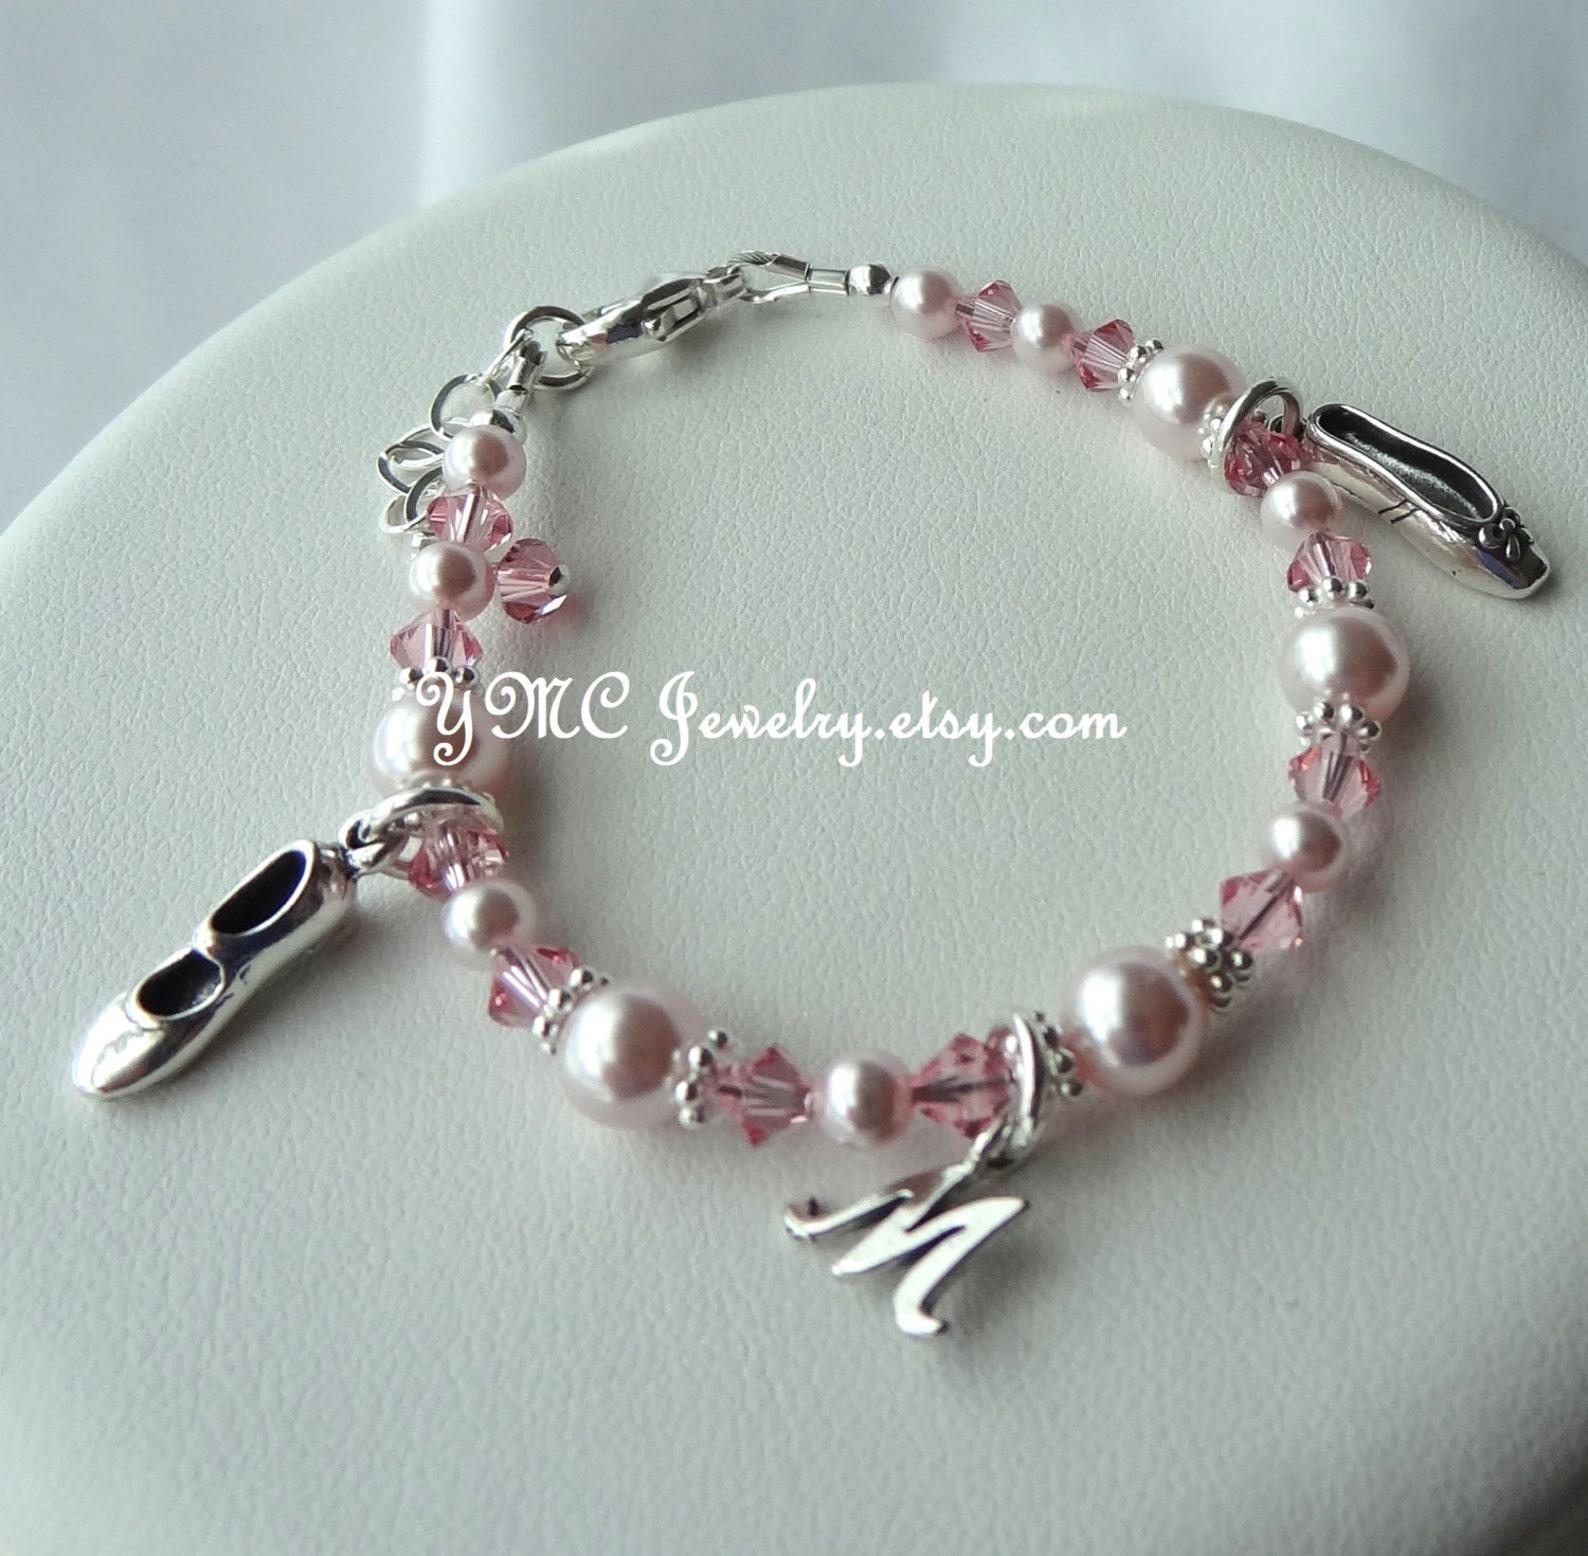 sterling silver ballerina slipper with initial letter bracelet, ballet recital, ballet bracelet, tap shoe bracelet, recital gift